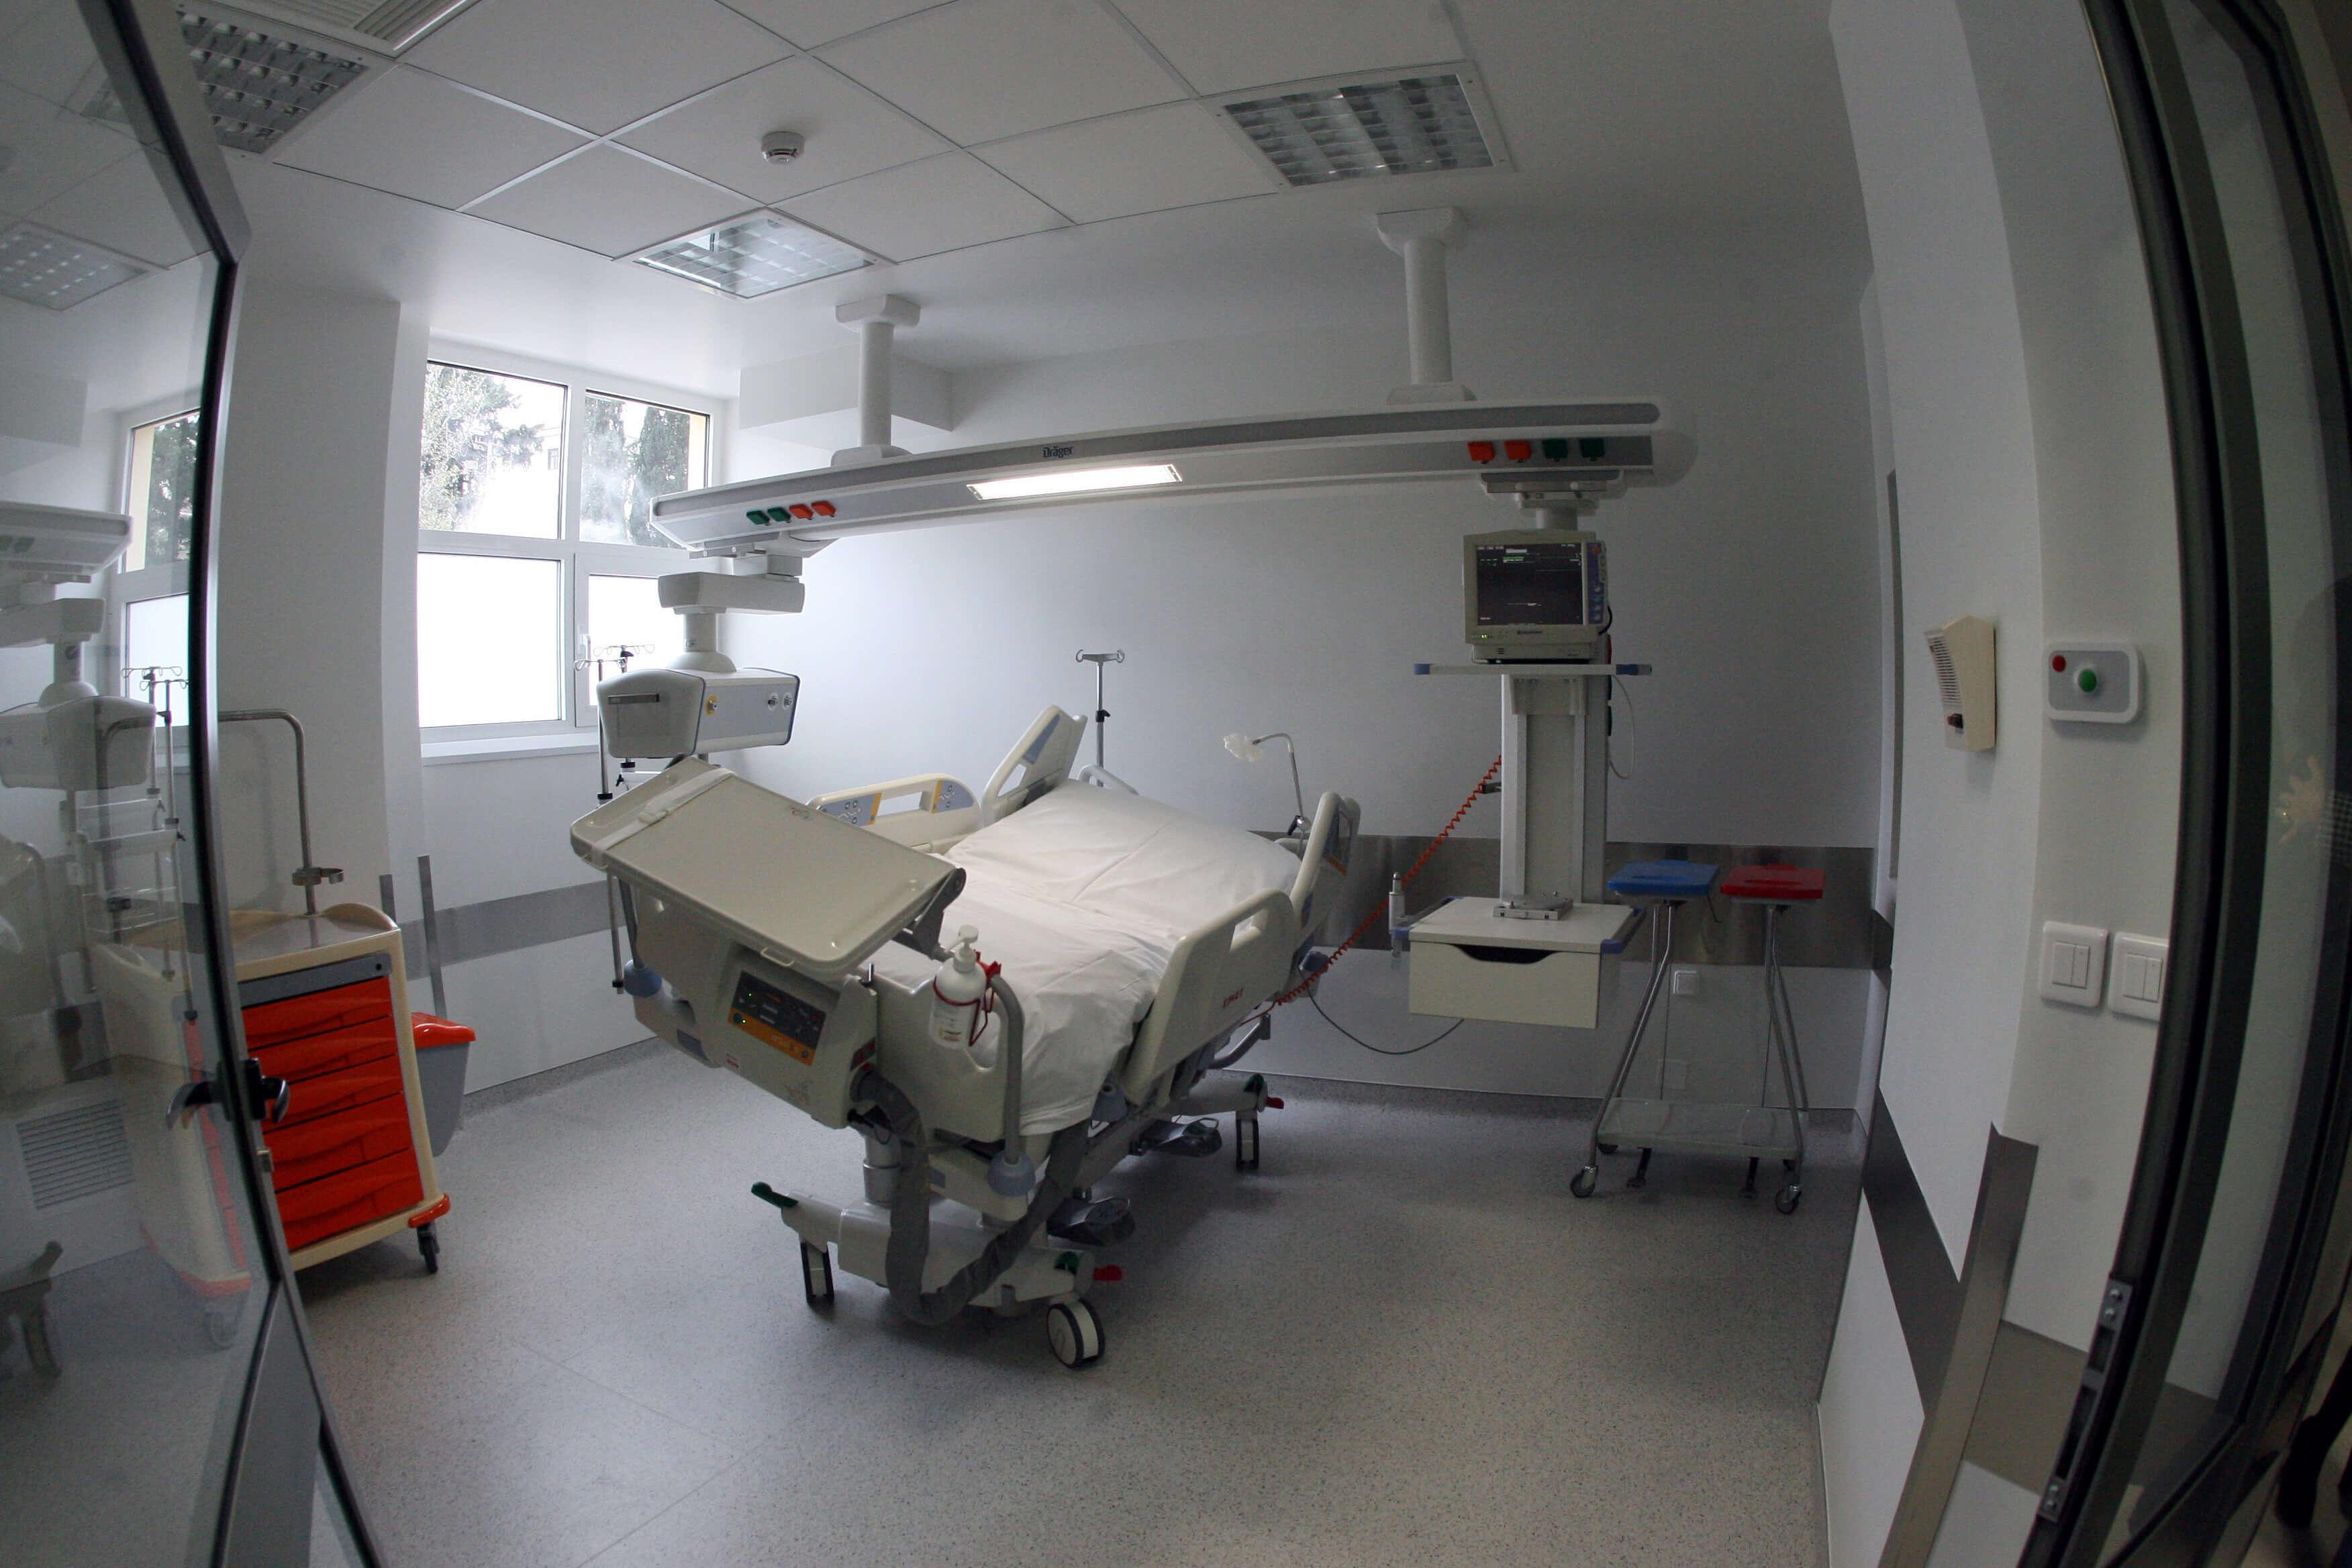 Κρήτη: Πέθανε νεαρός από τον ιό της γρίπης – Ο θανάσιμος κίνδυνος που κατάλαβε όταν ήταν ήδη αργά!